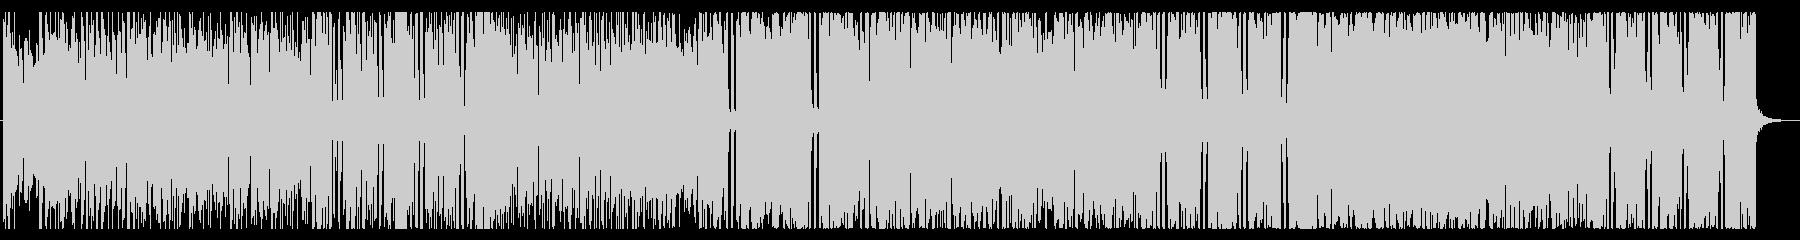 ドワーフをイメージしたほのぼのした楽曲の未再生の波形